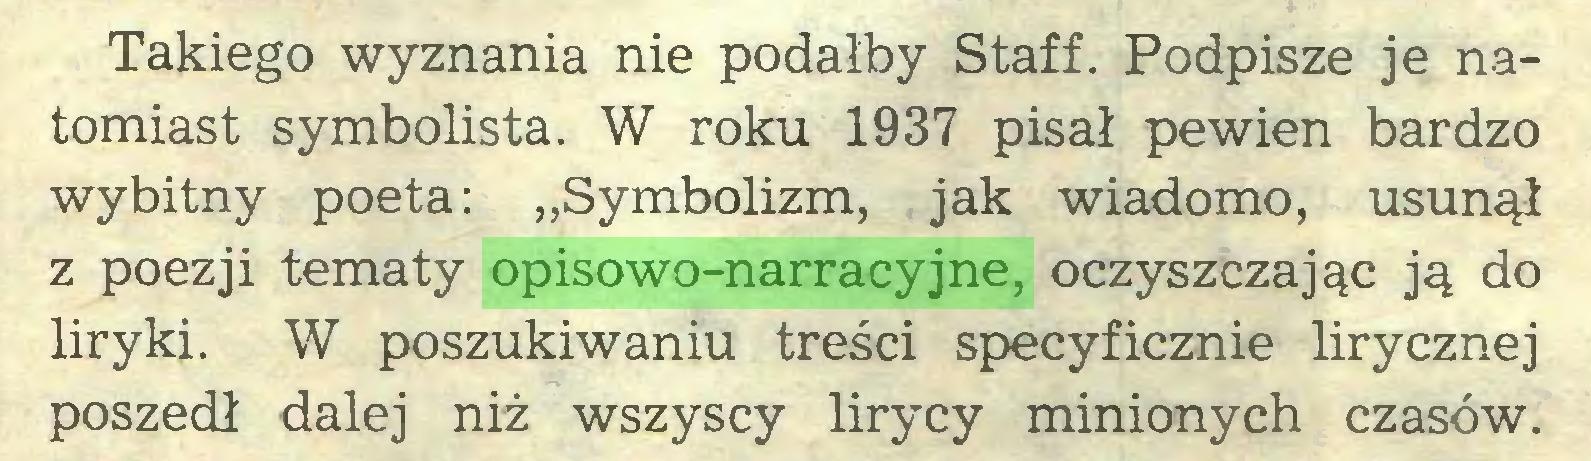 """(...) Takiego wyznania nie podałby Staff. Podpisze je natomiast symbolista. W roku 1937 pisał pewien bardzo wybitny poeta: """"Symbolizm, jak wiadomo, usunął z poezji tematy opisowo-narracyjne, oczyszczając ją do liryki. W poszukiwaniu treści specyficznie lirycznej poszedł dalej niż wszyscy lirycy minionych czasów..."""